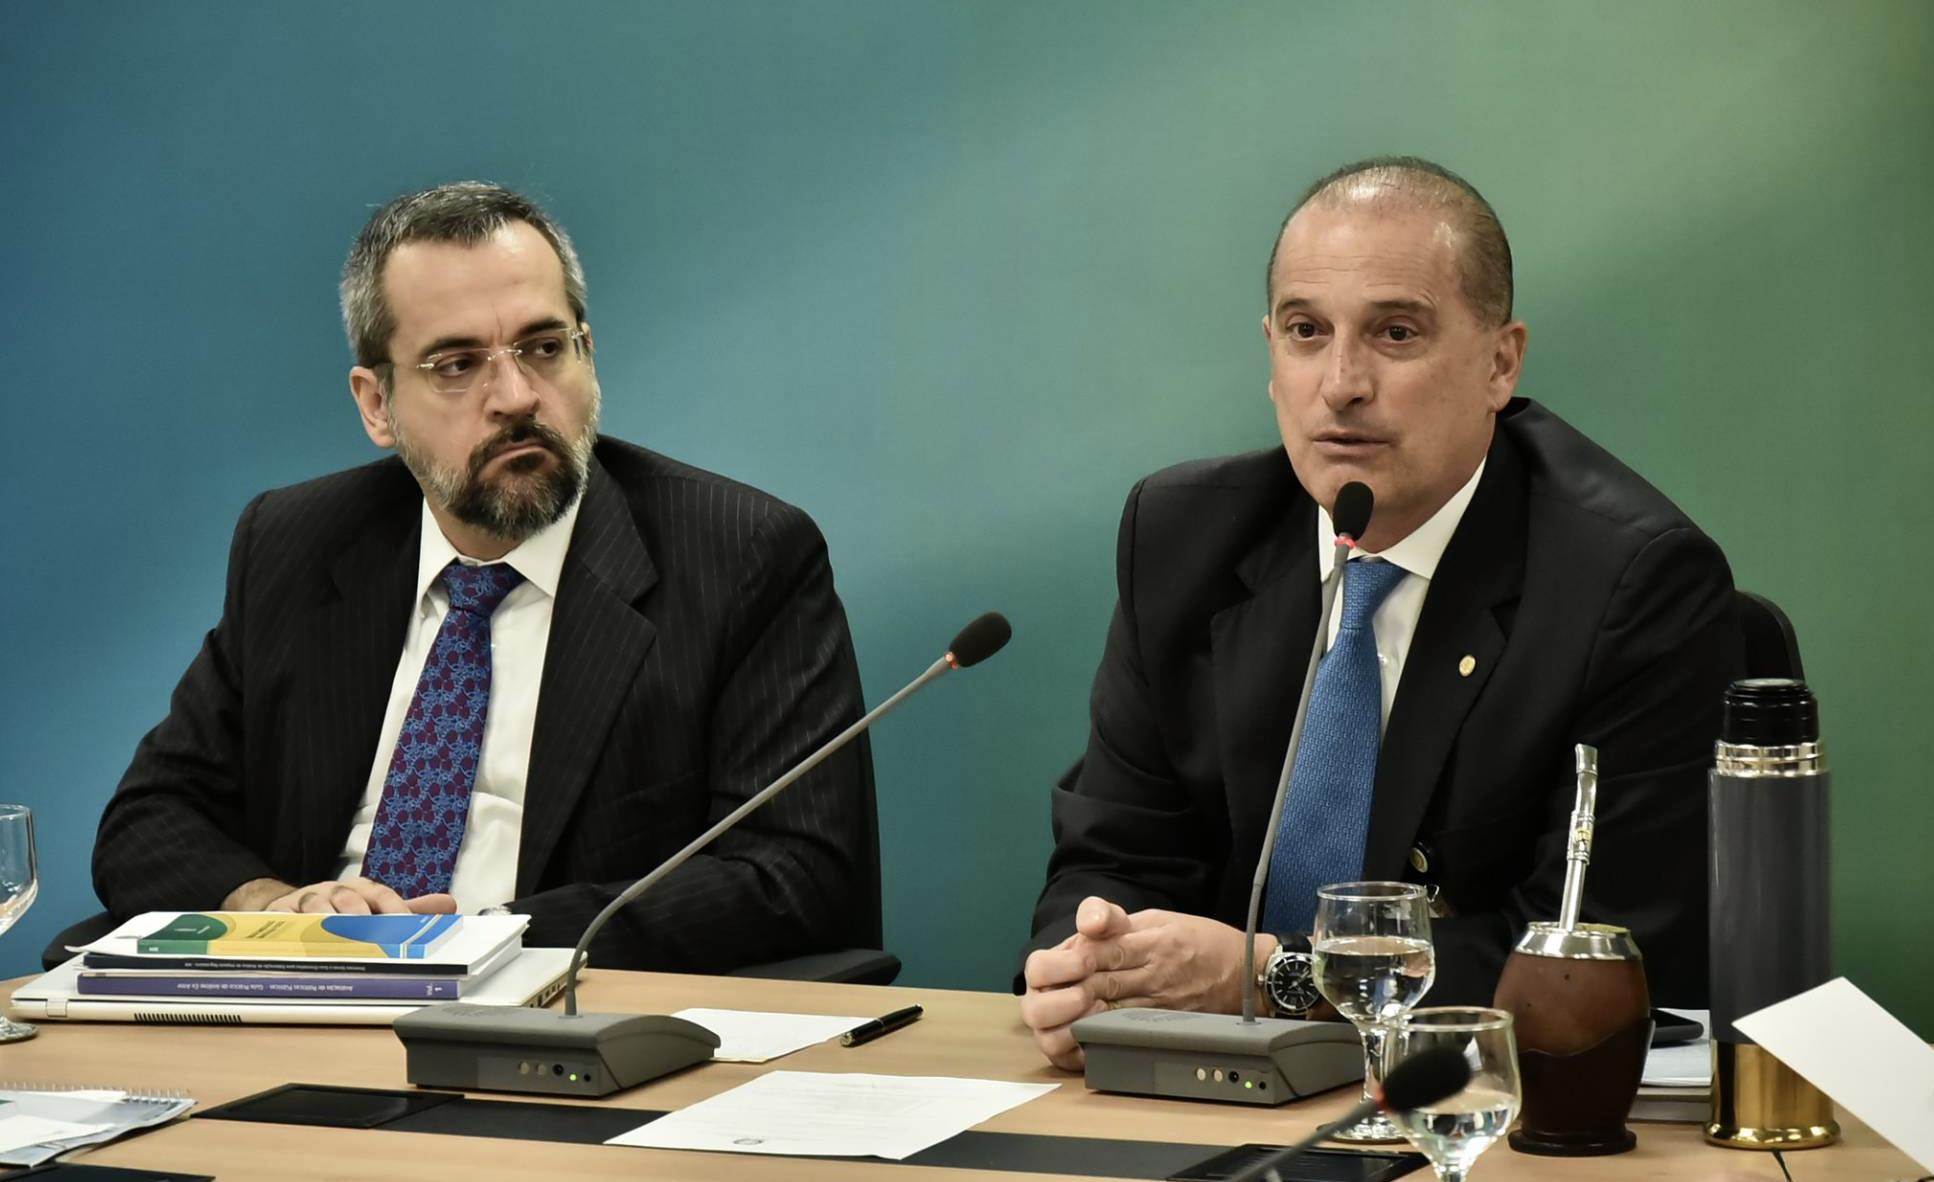 Ex-banqueiro, novo ministro da Educação já disse que banqueiros brasileiros são comunistas; veja o vídeo